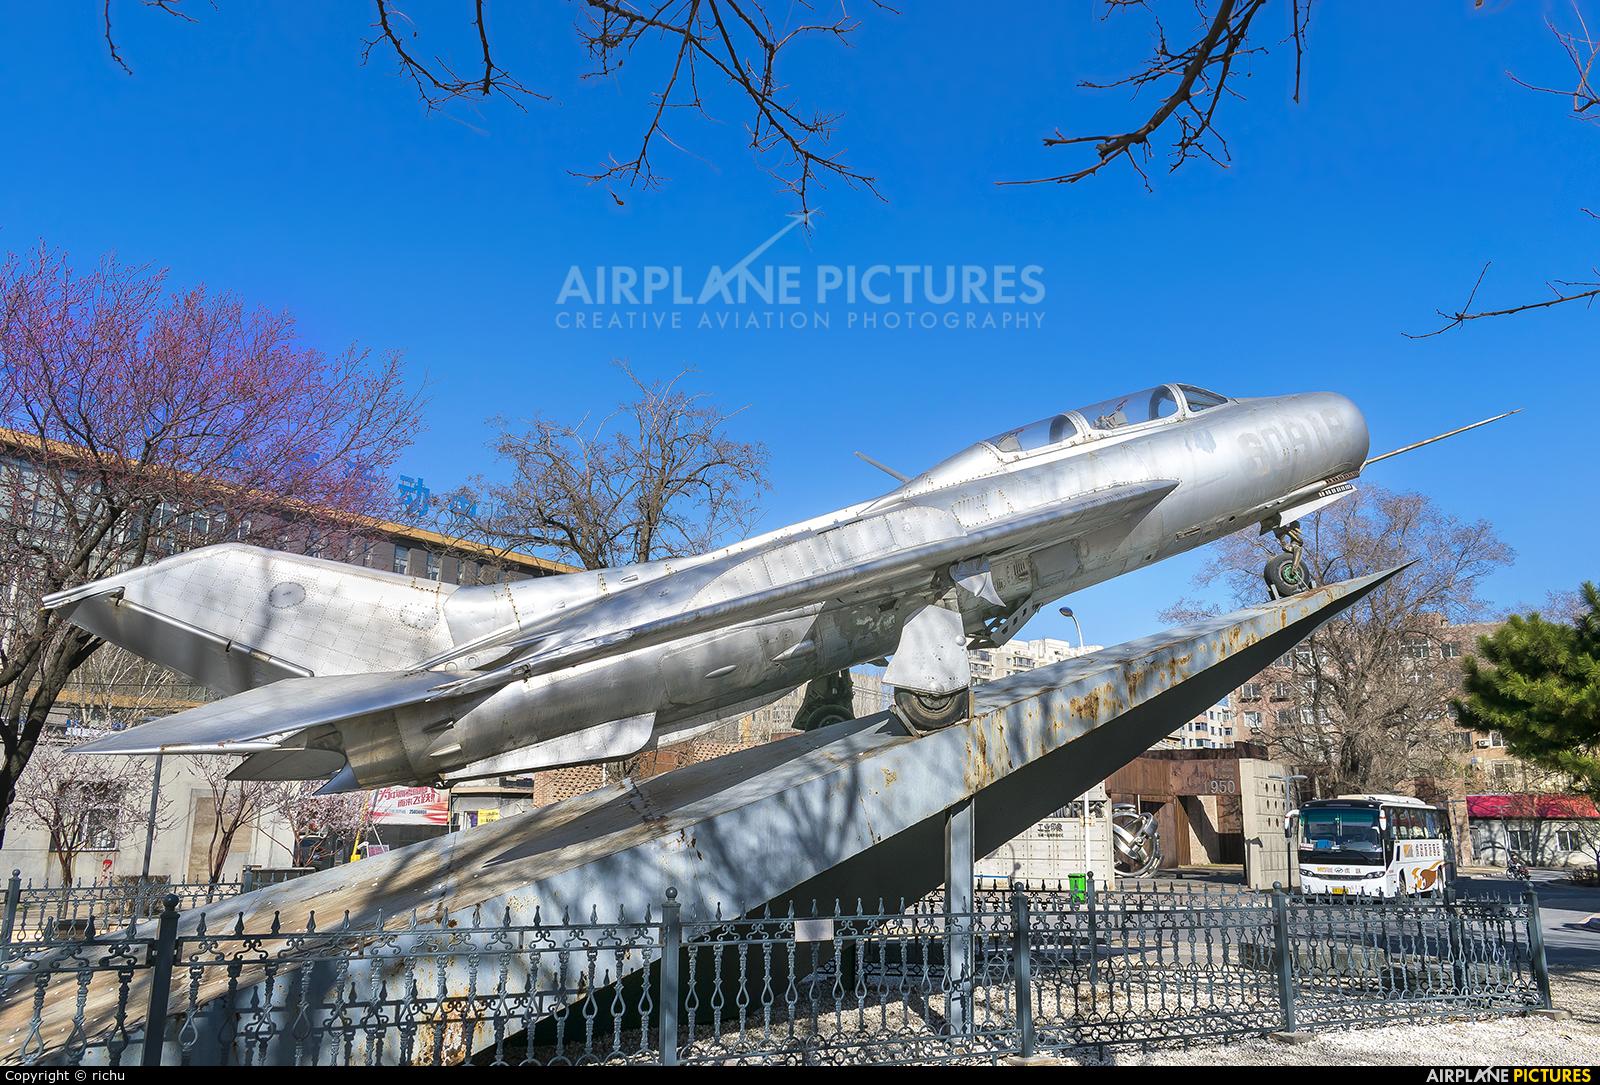 China - Air Force - aircraft at Off Airport - China